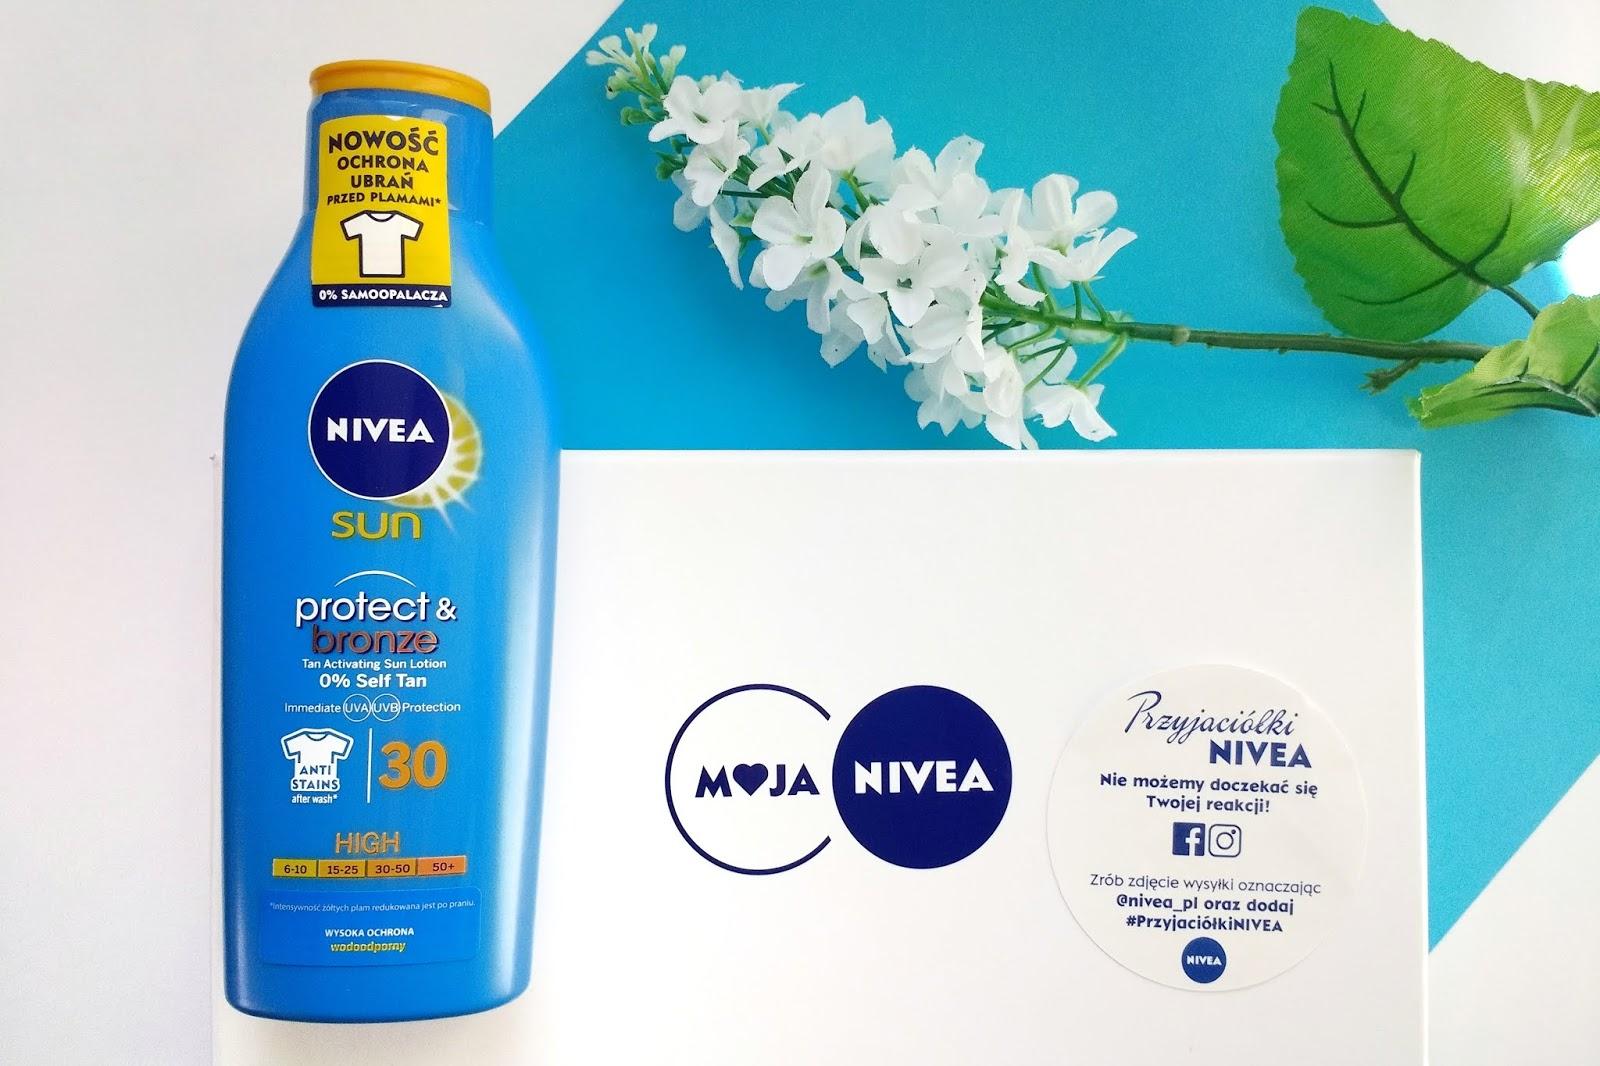 Czy balsam aktywujący opaleniznę Nivea sun protect & bronze pomoże bladziochowi się opalić?